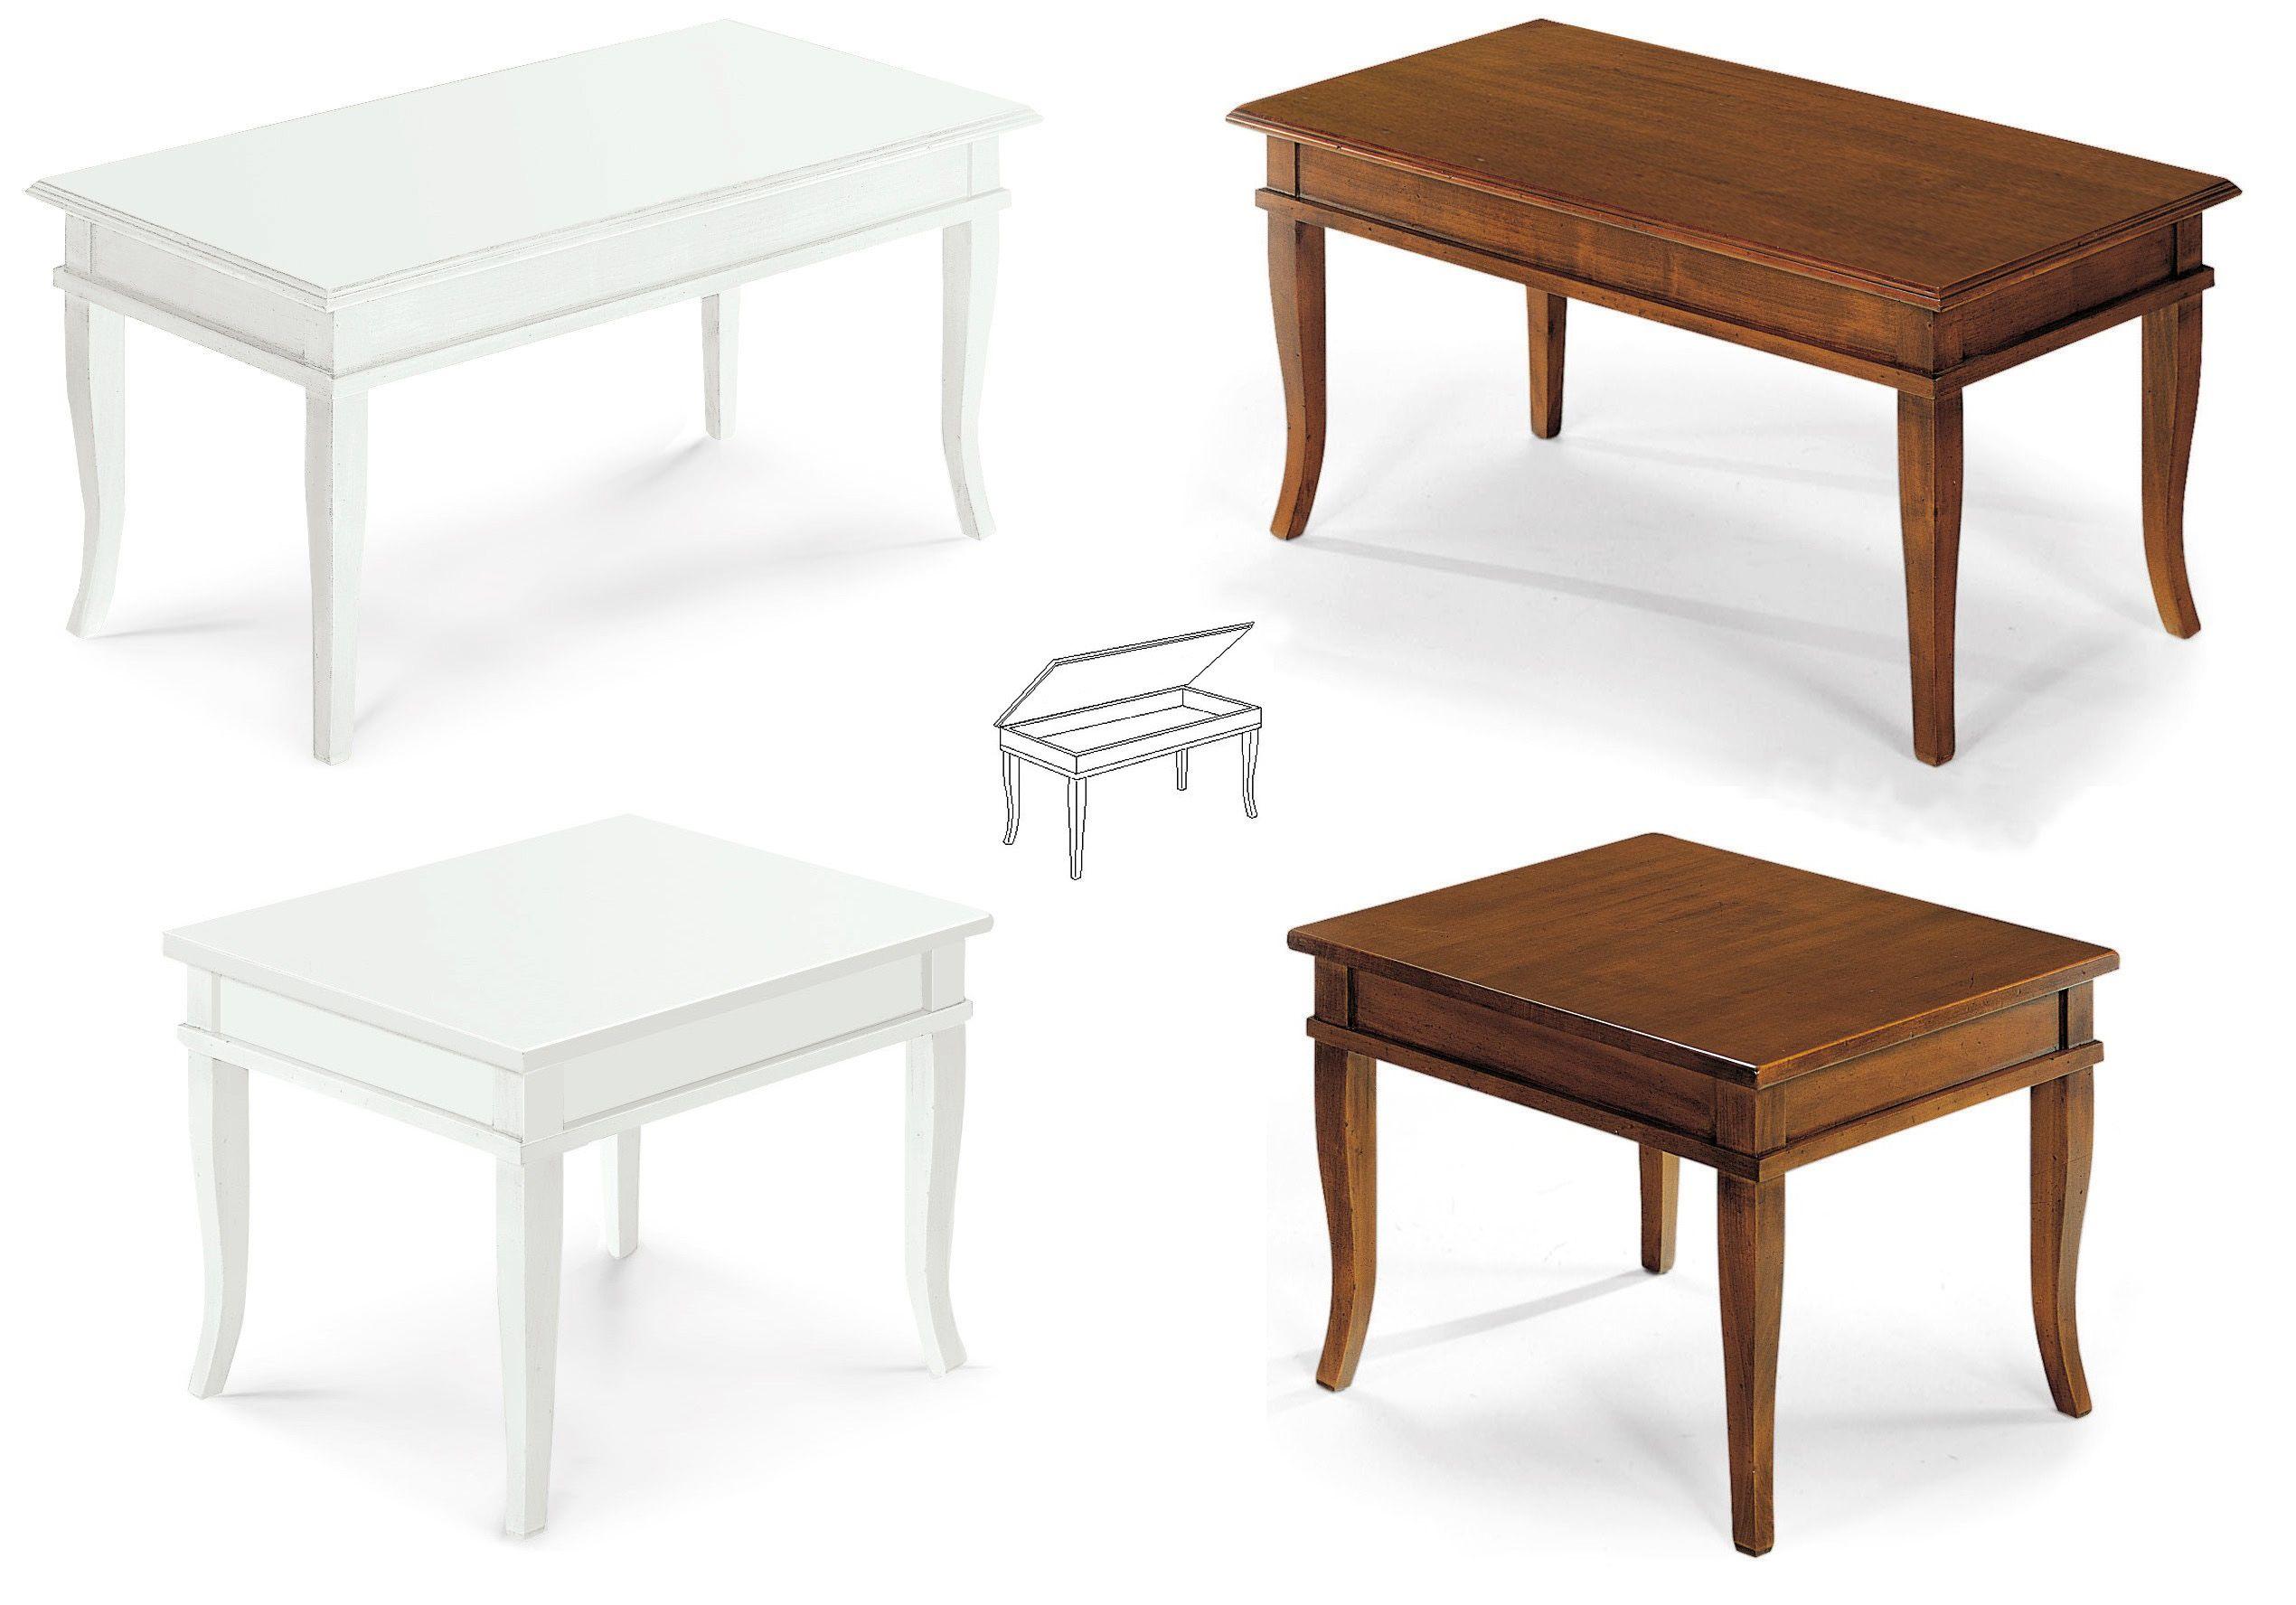 Tavolini In Legno Bianco : Mobile kelly tavolino bacheca piano legno colore bianco opaco e